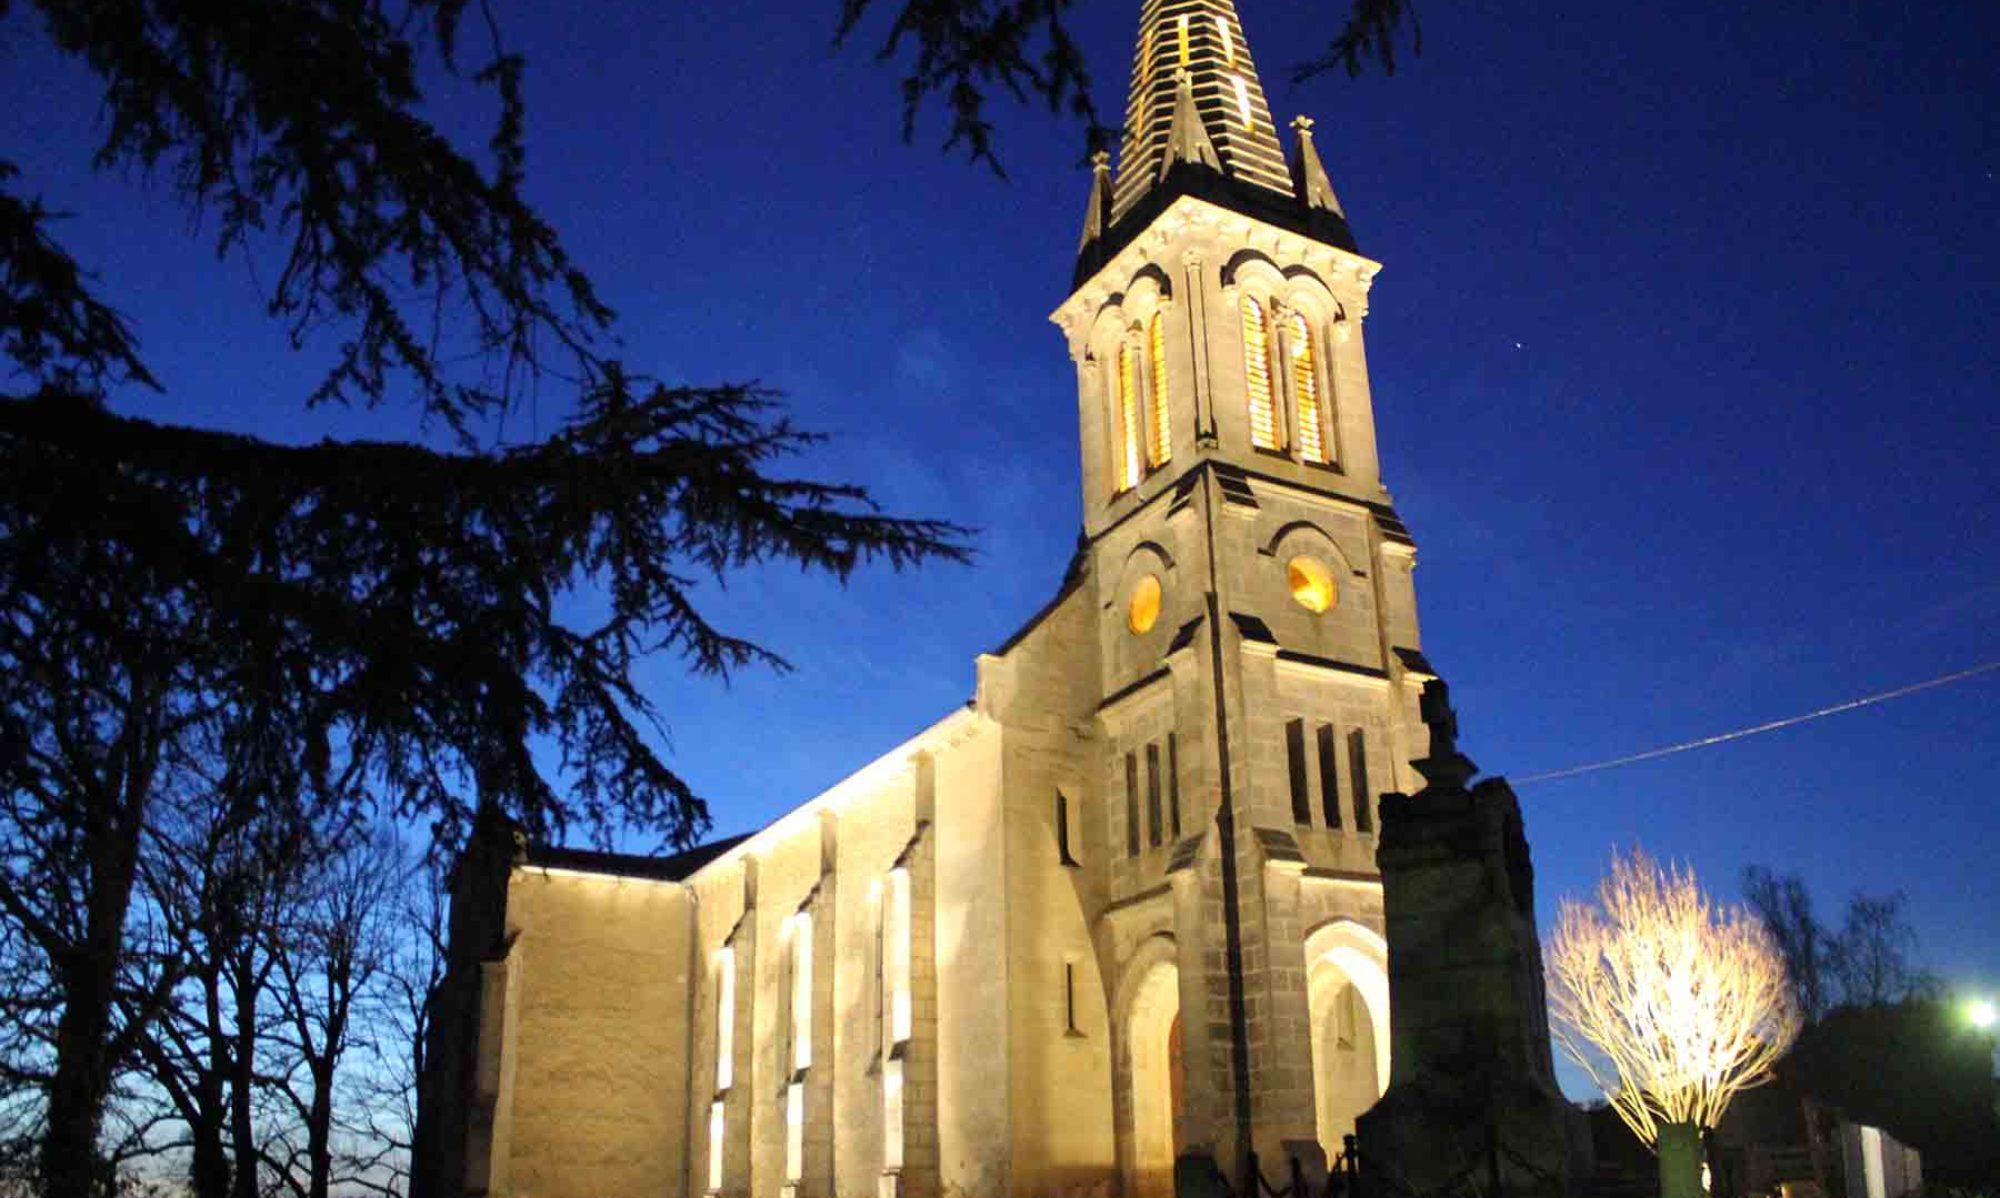 Saint Germain de graves